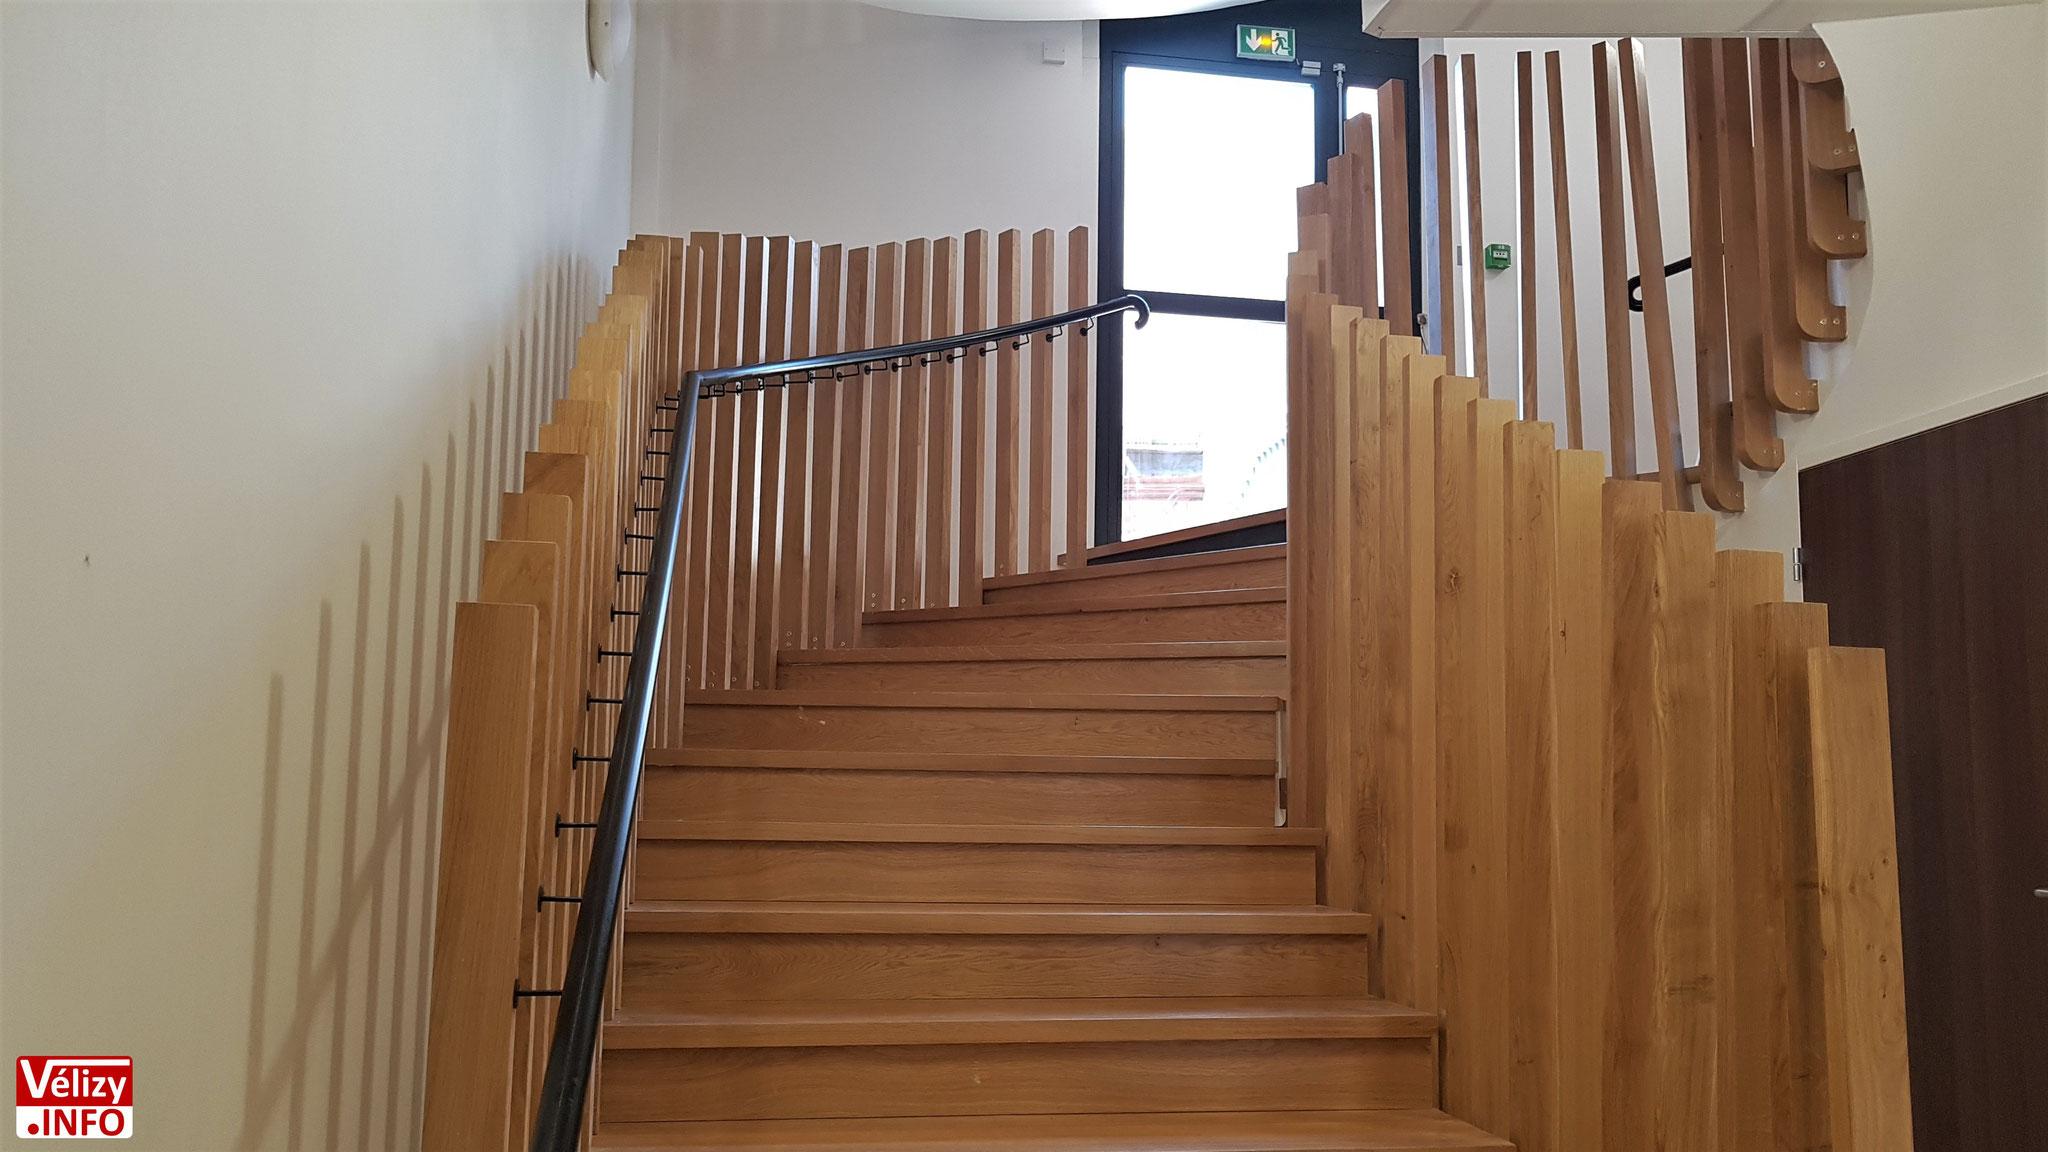 L'escalier de l'Hôtel de Police de Vélizy-Villacoublay.